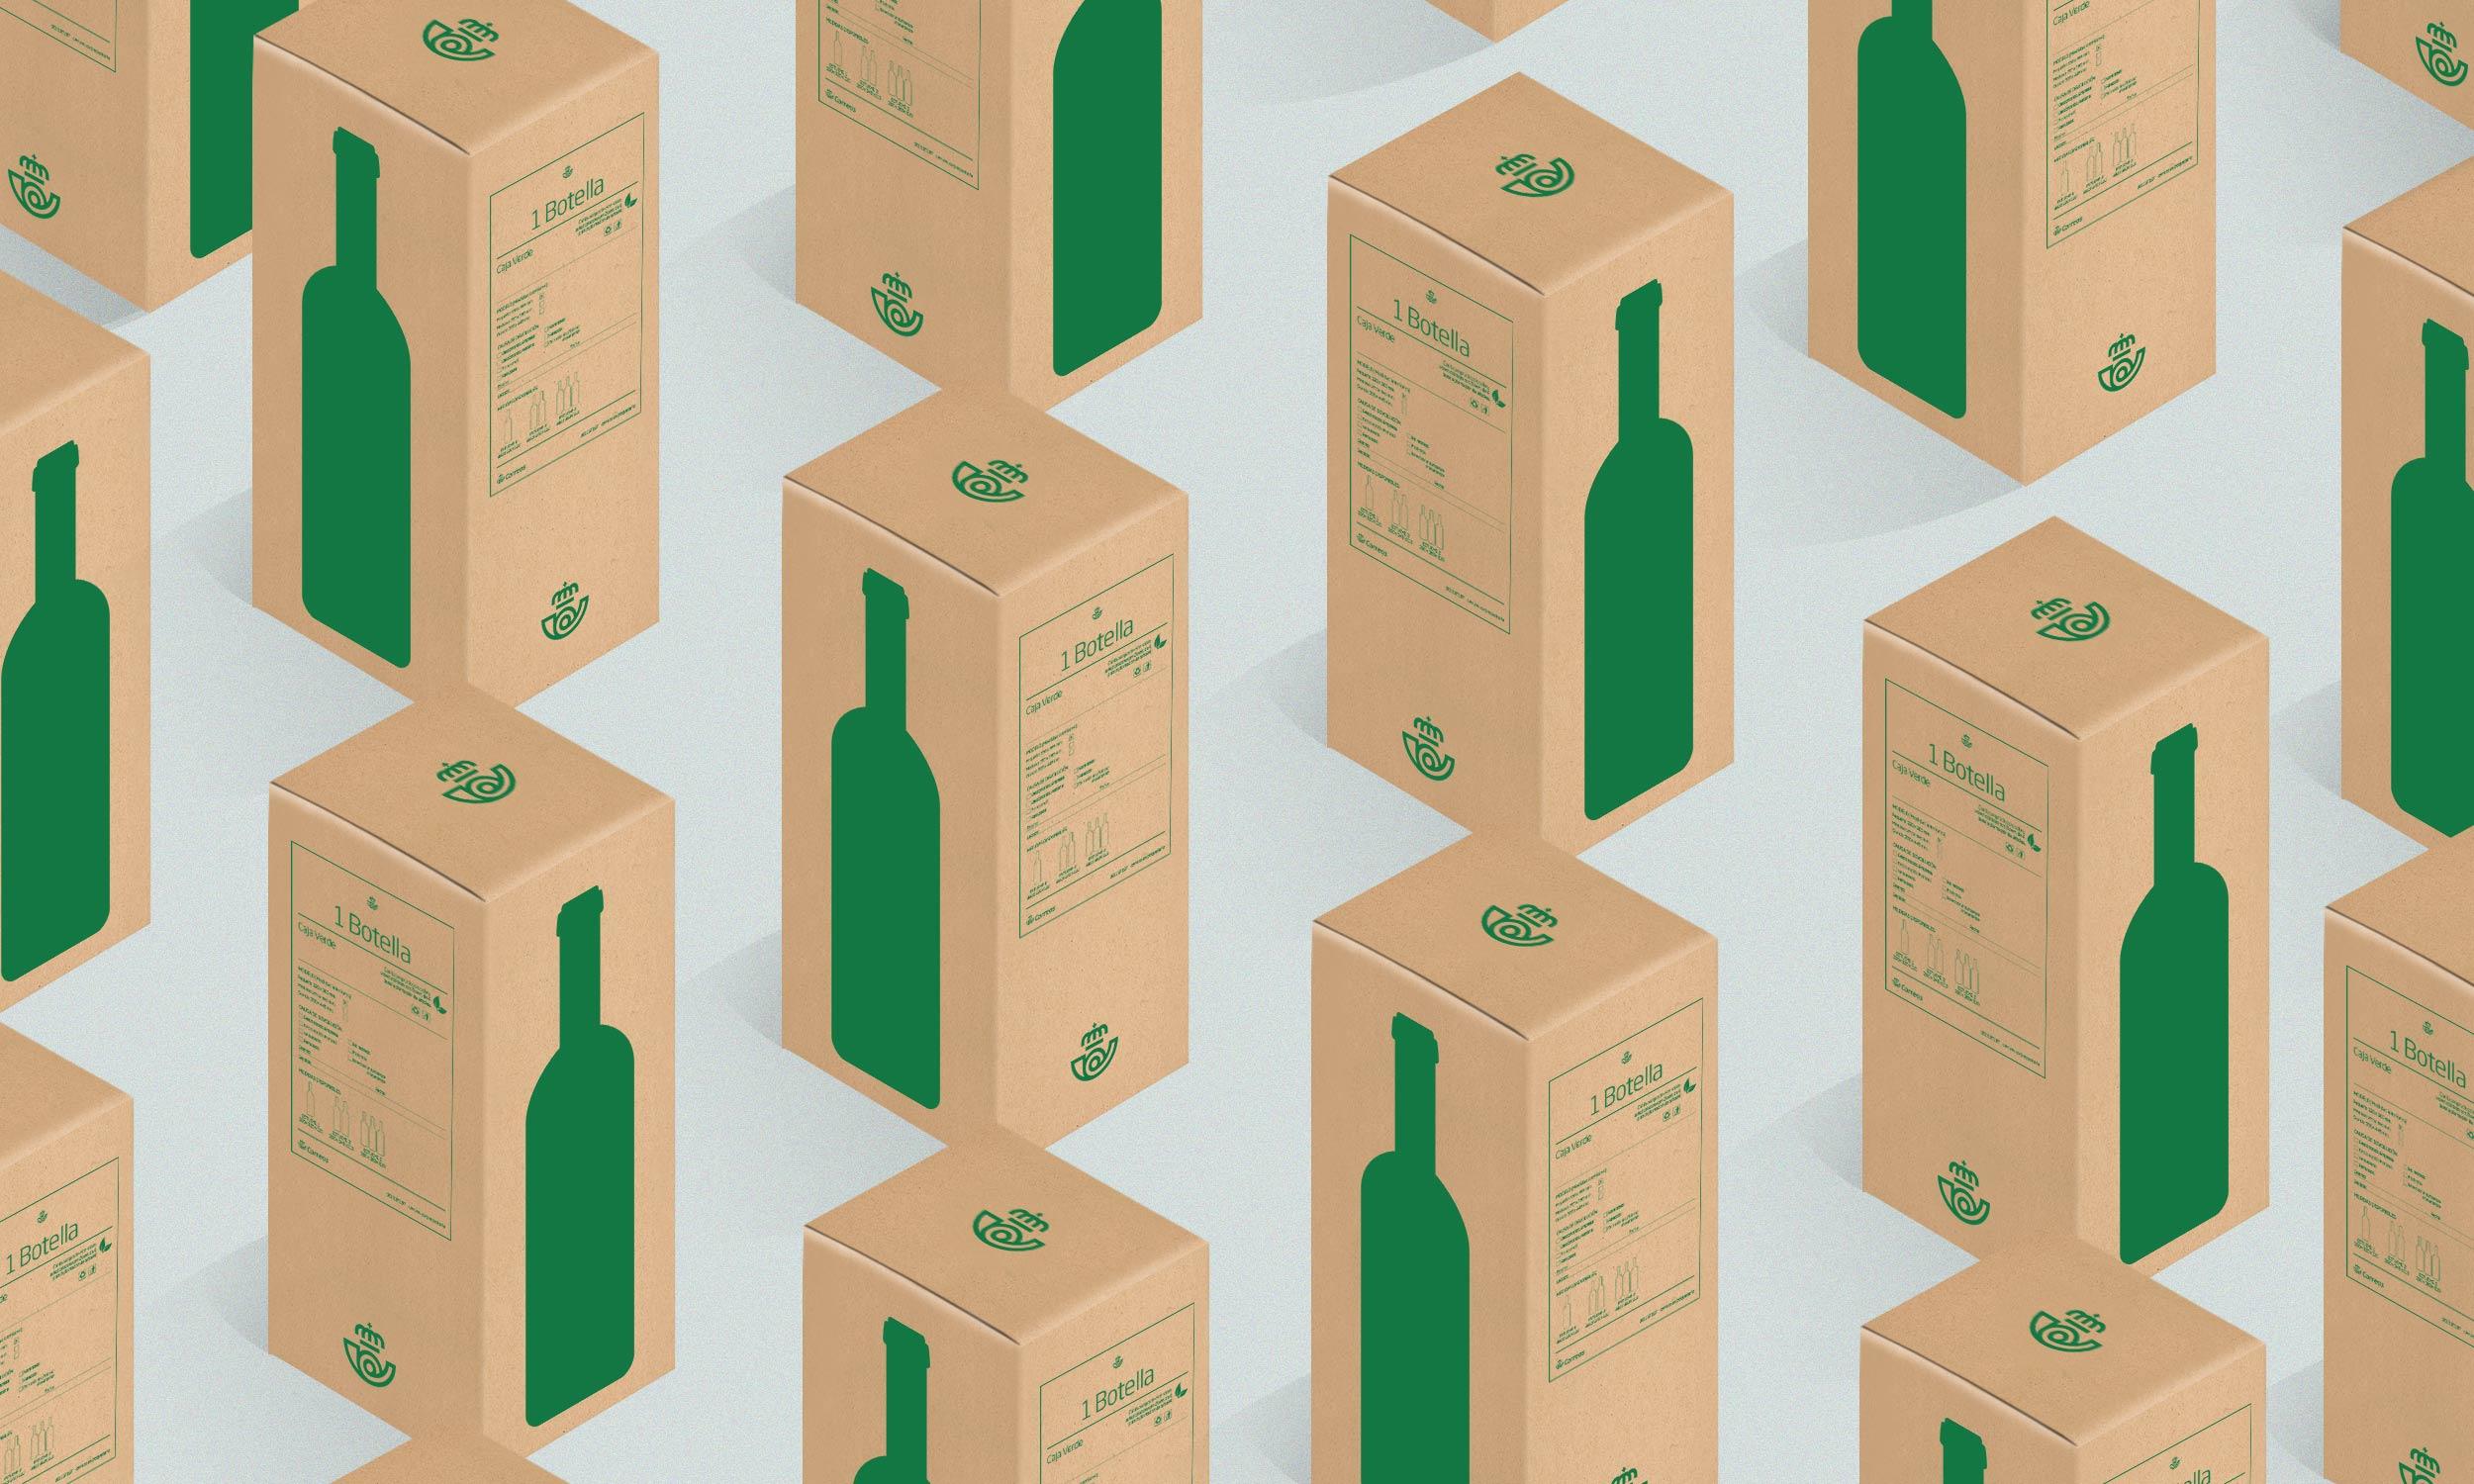 cajas para botellas con etiqueta sostenible